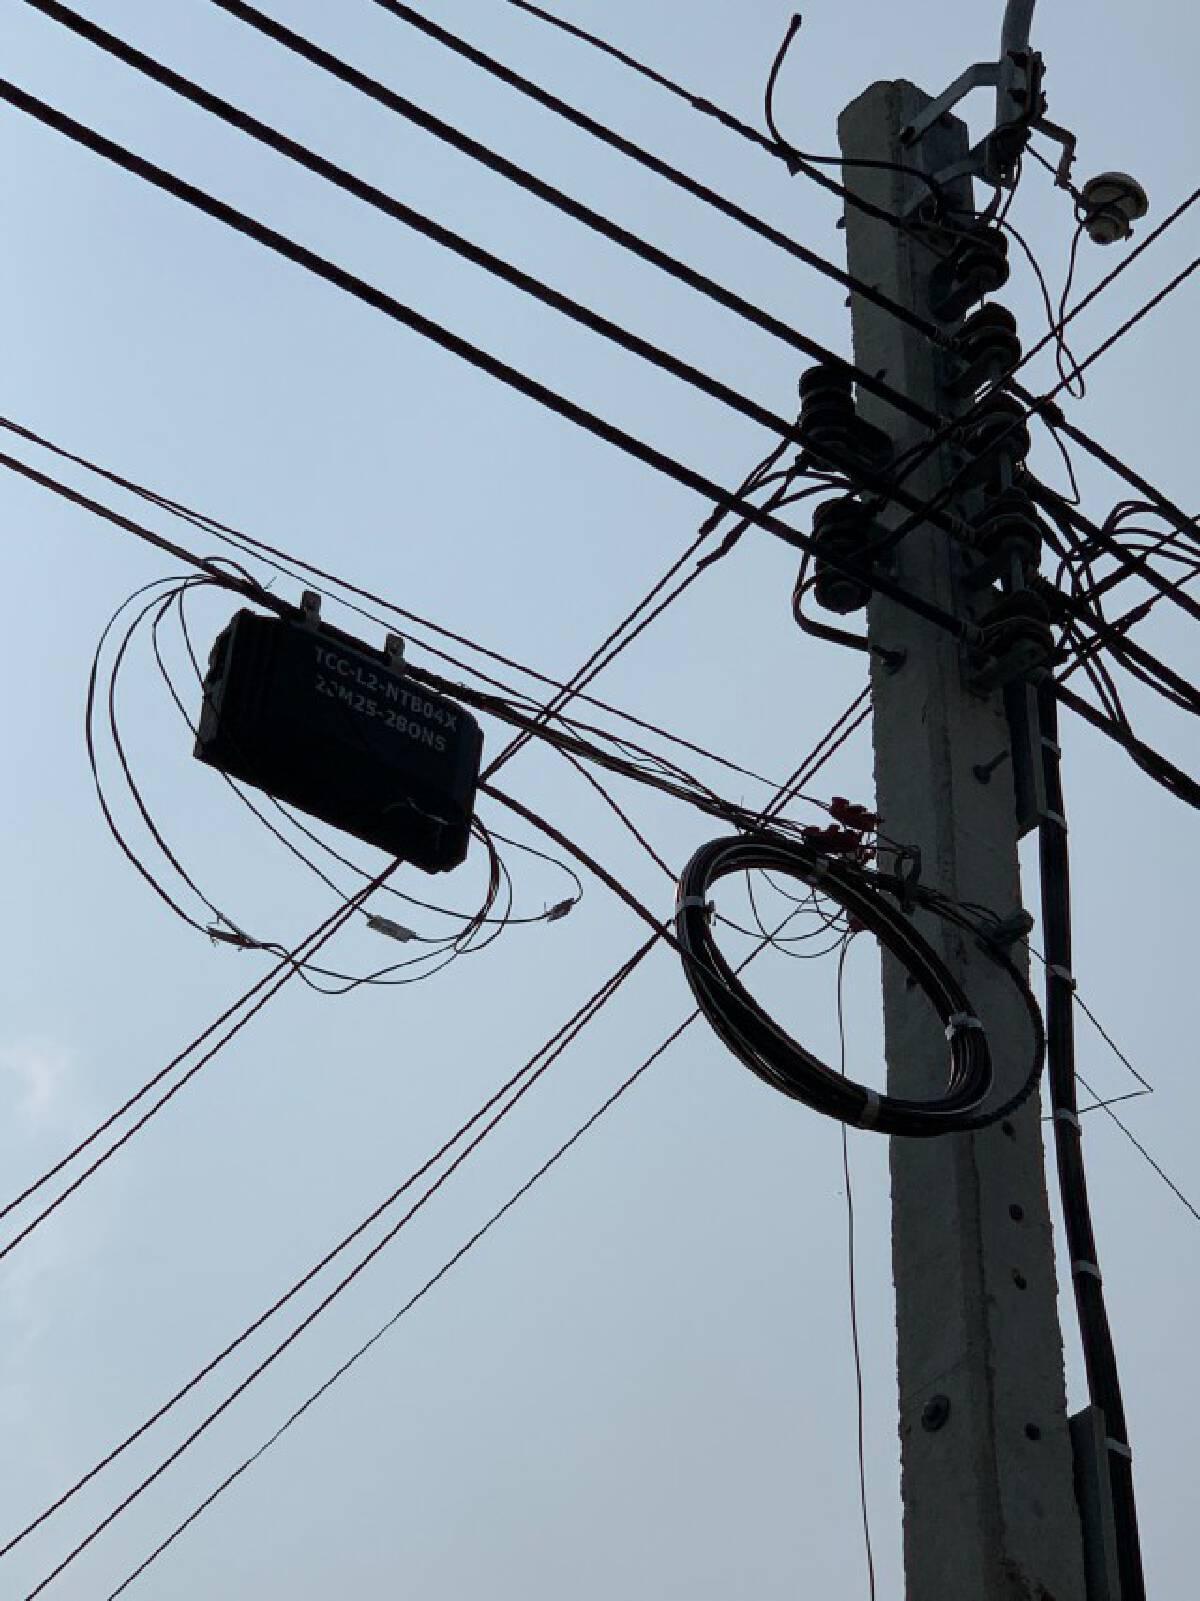 [รีวิว] ติดตั้งกล่องสัญญาณอินเทอร์เน็ต 6 เสา True Gigatek Fiber Skyworth